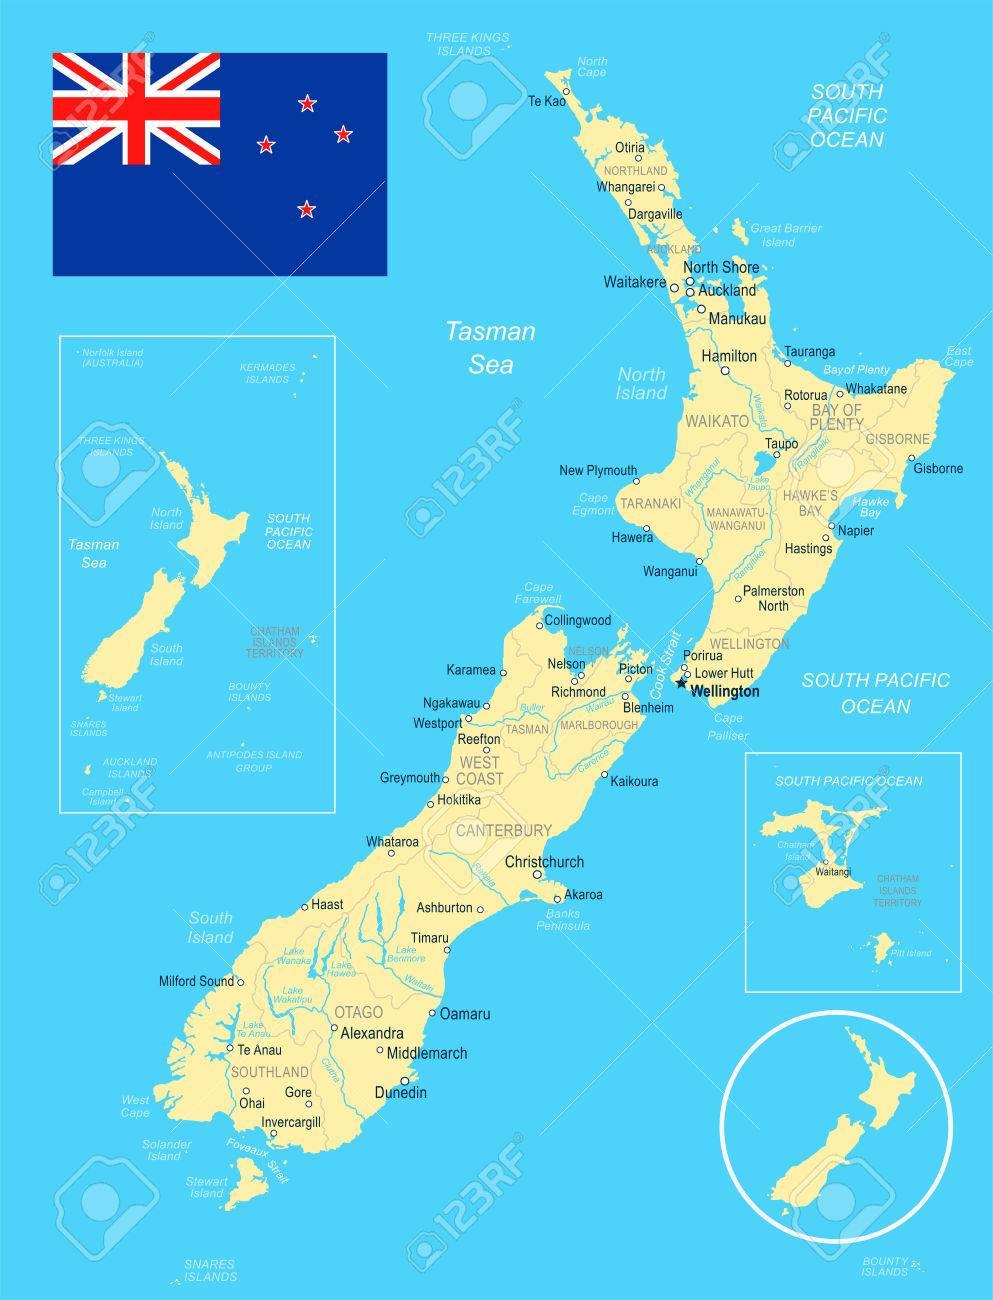 Nueva Zelanda Mapa Y Bandera - Ilustración Vectorial Ilustraciones Vectoriales, Clip Art Vectorizado Libre De Derechos. Image 82897795.